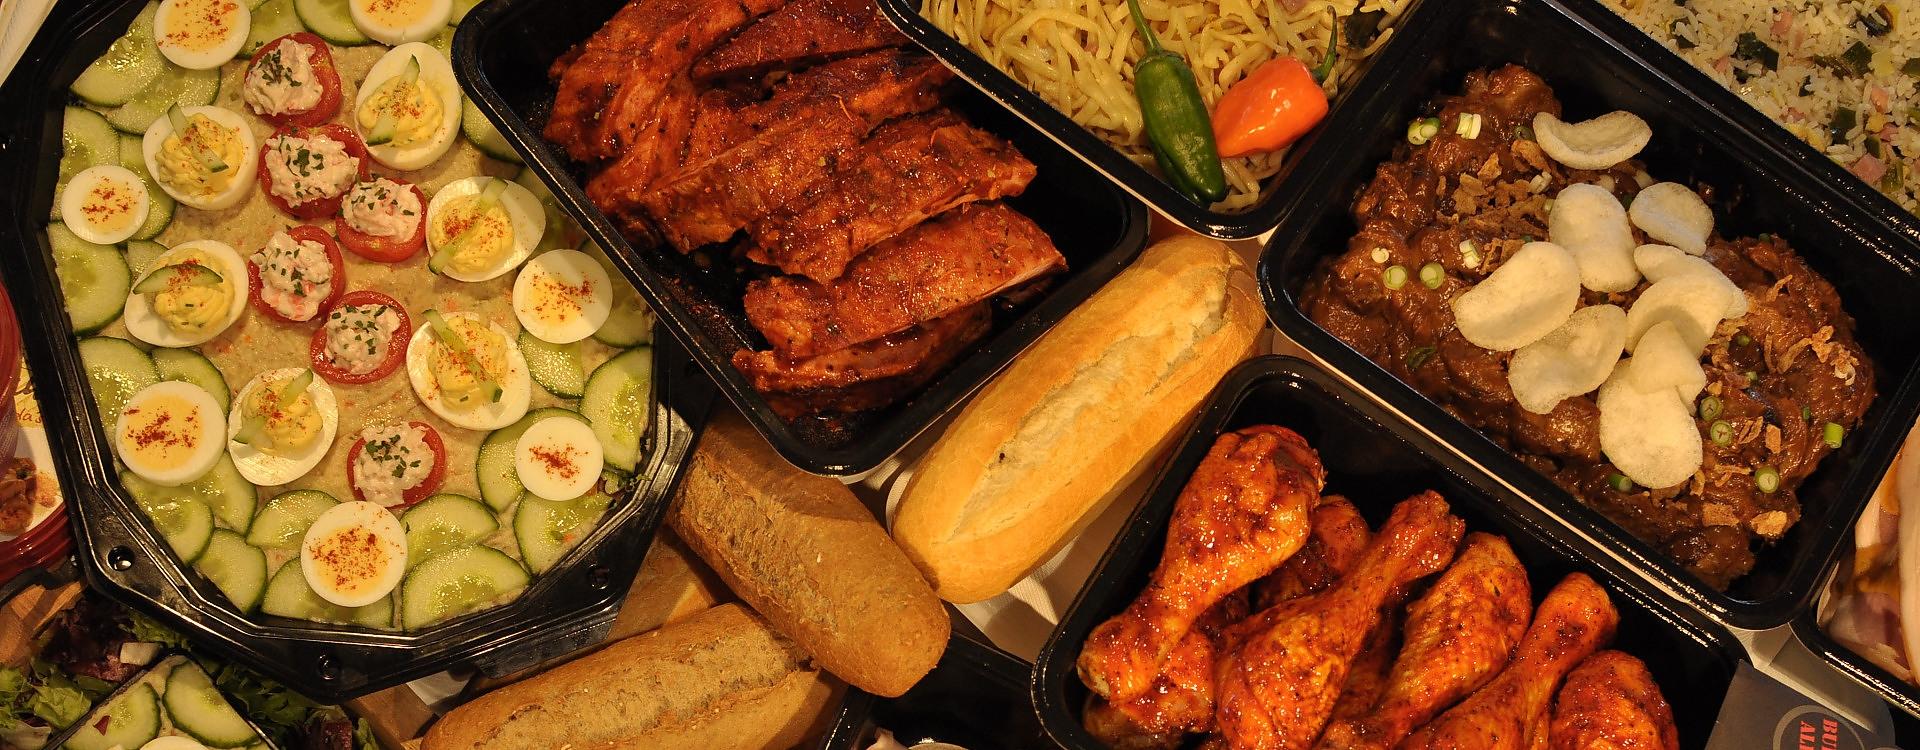 buffet Made